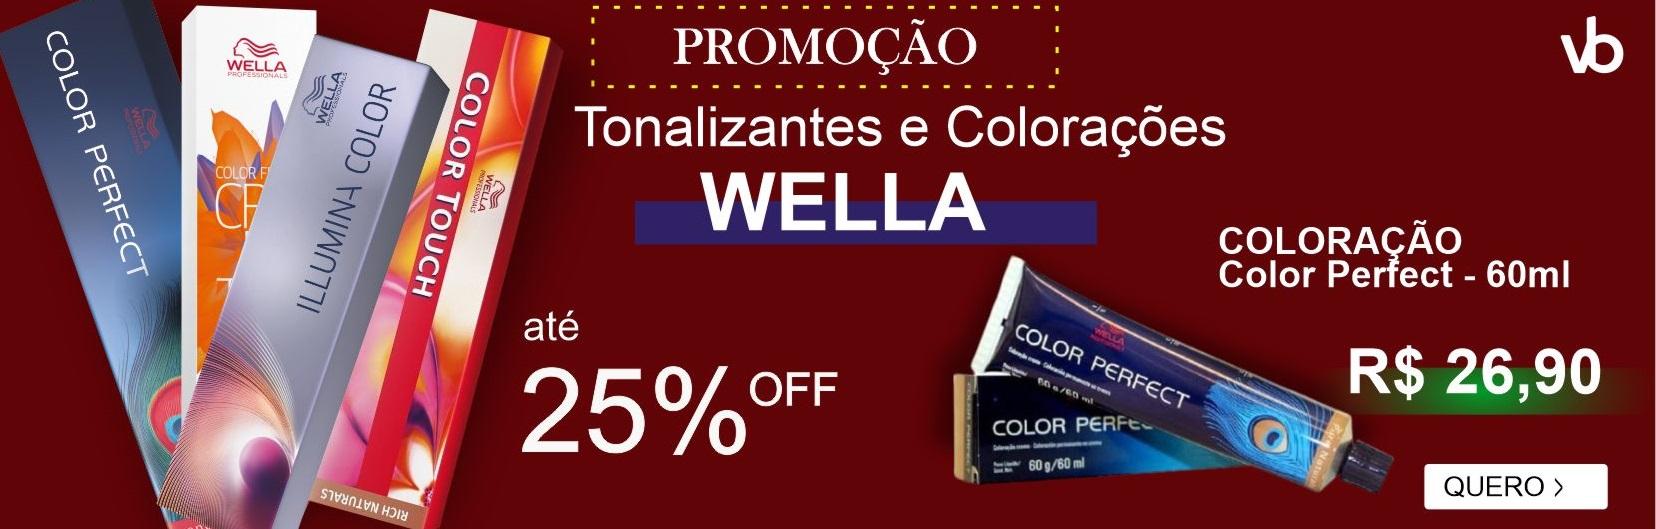 Promo Coloração Wella